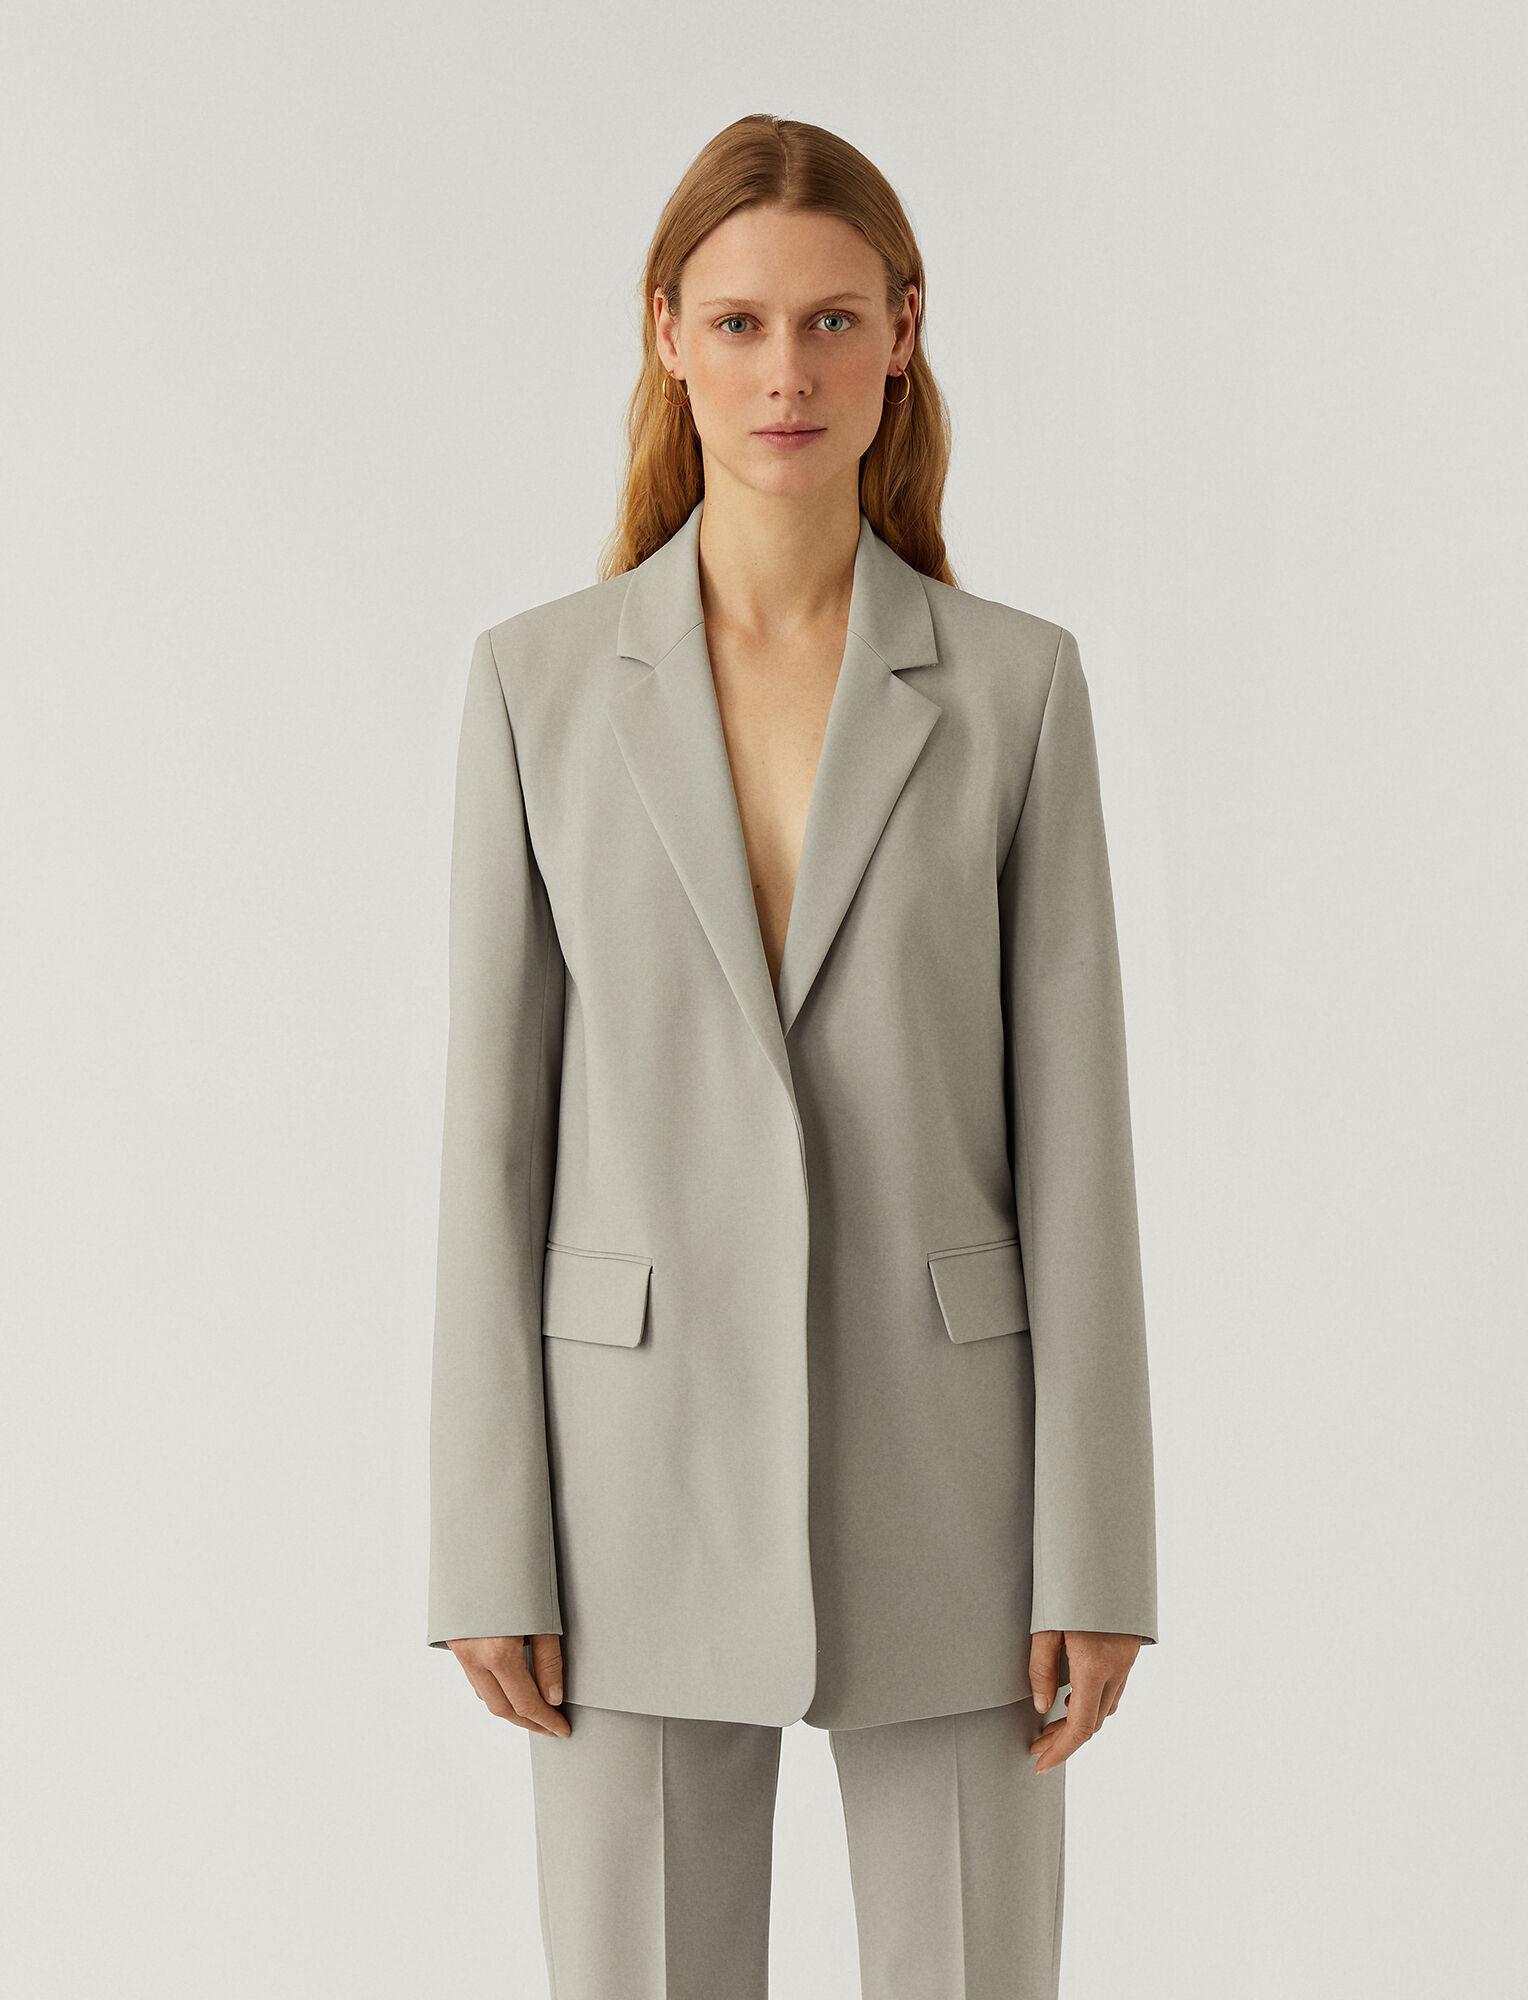 Joseph, Light Wool Suiting Joan Jacket, in CLOUD